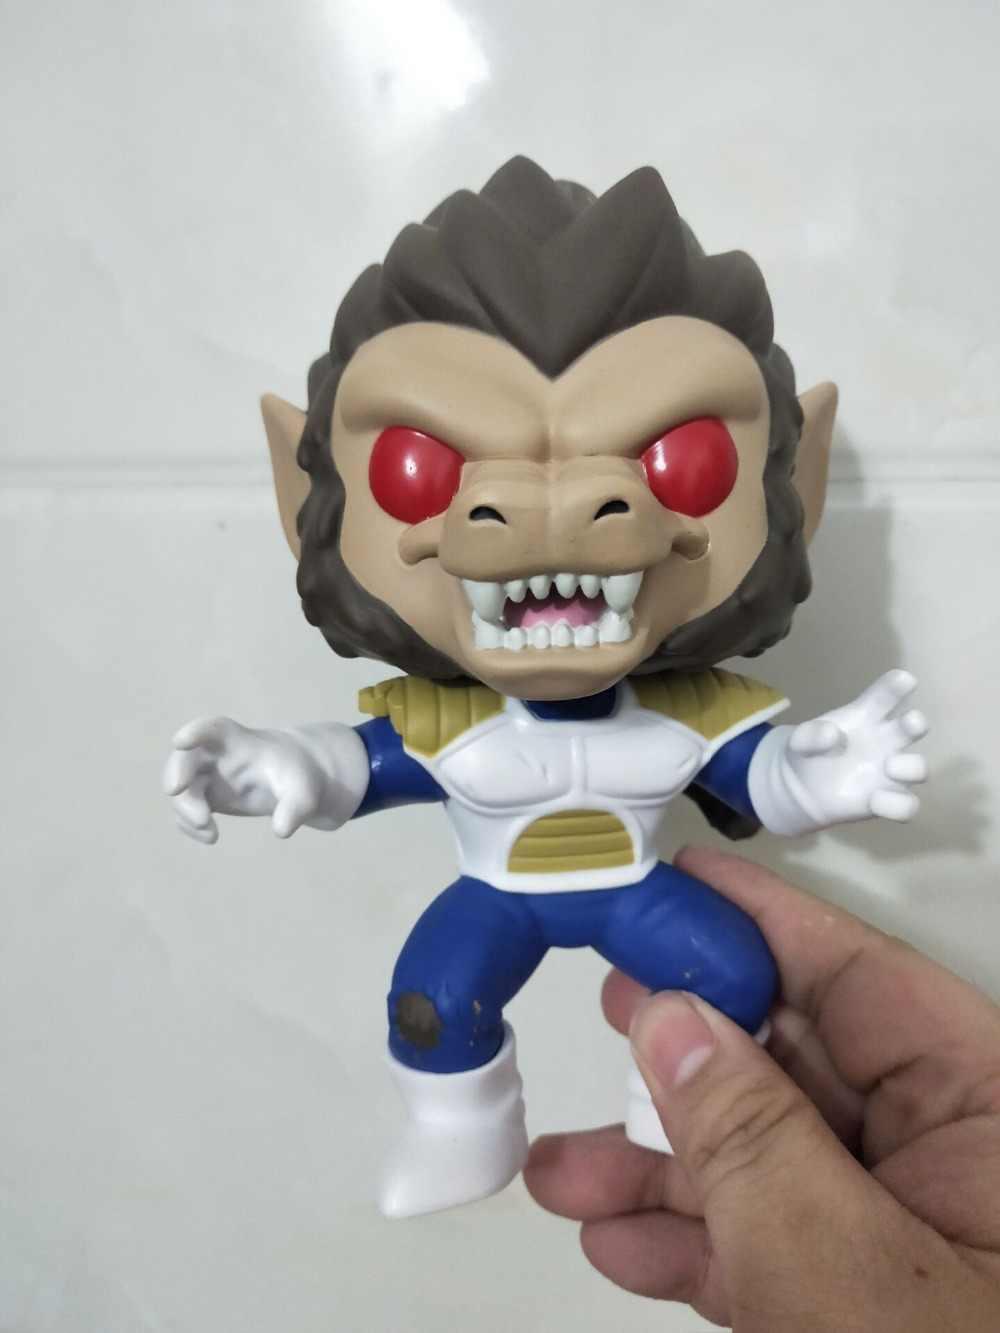 Funko pop dragon ball z greta ape vegeta figura de ação collectible modelo brinquedos para chlidren presente aniversário